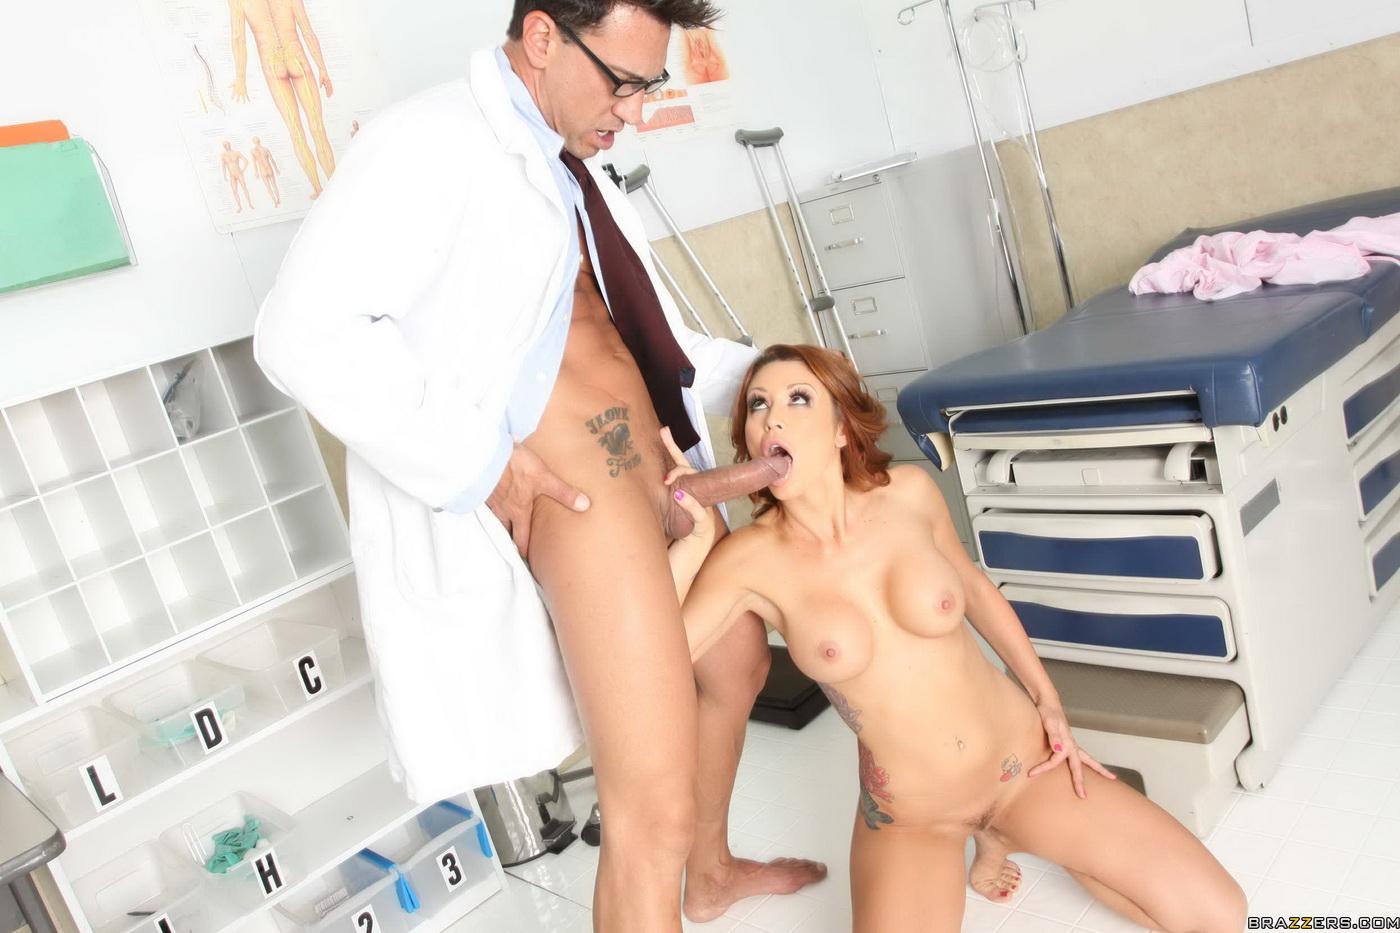 Доктор у себя в кабинете трахает рыжую пациентку